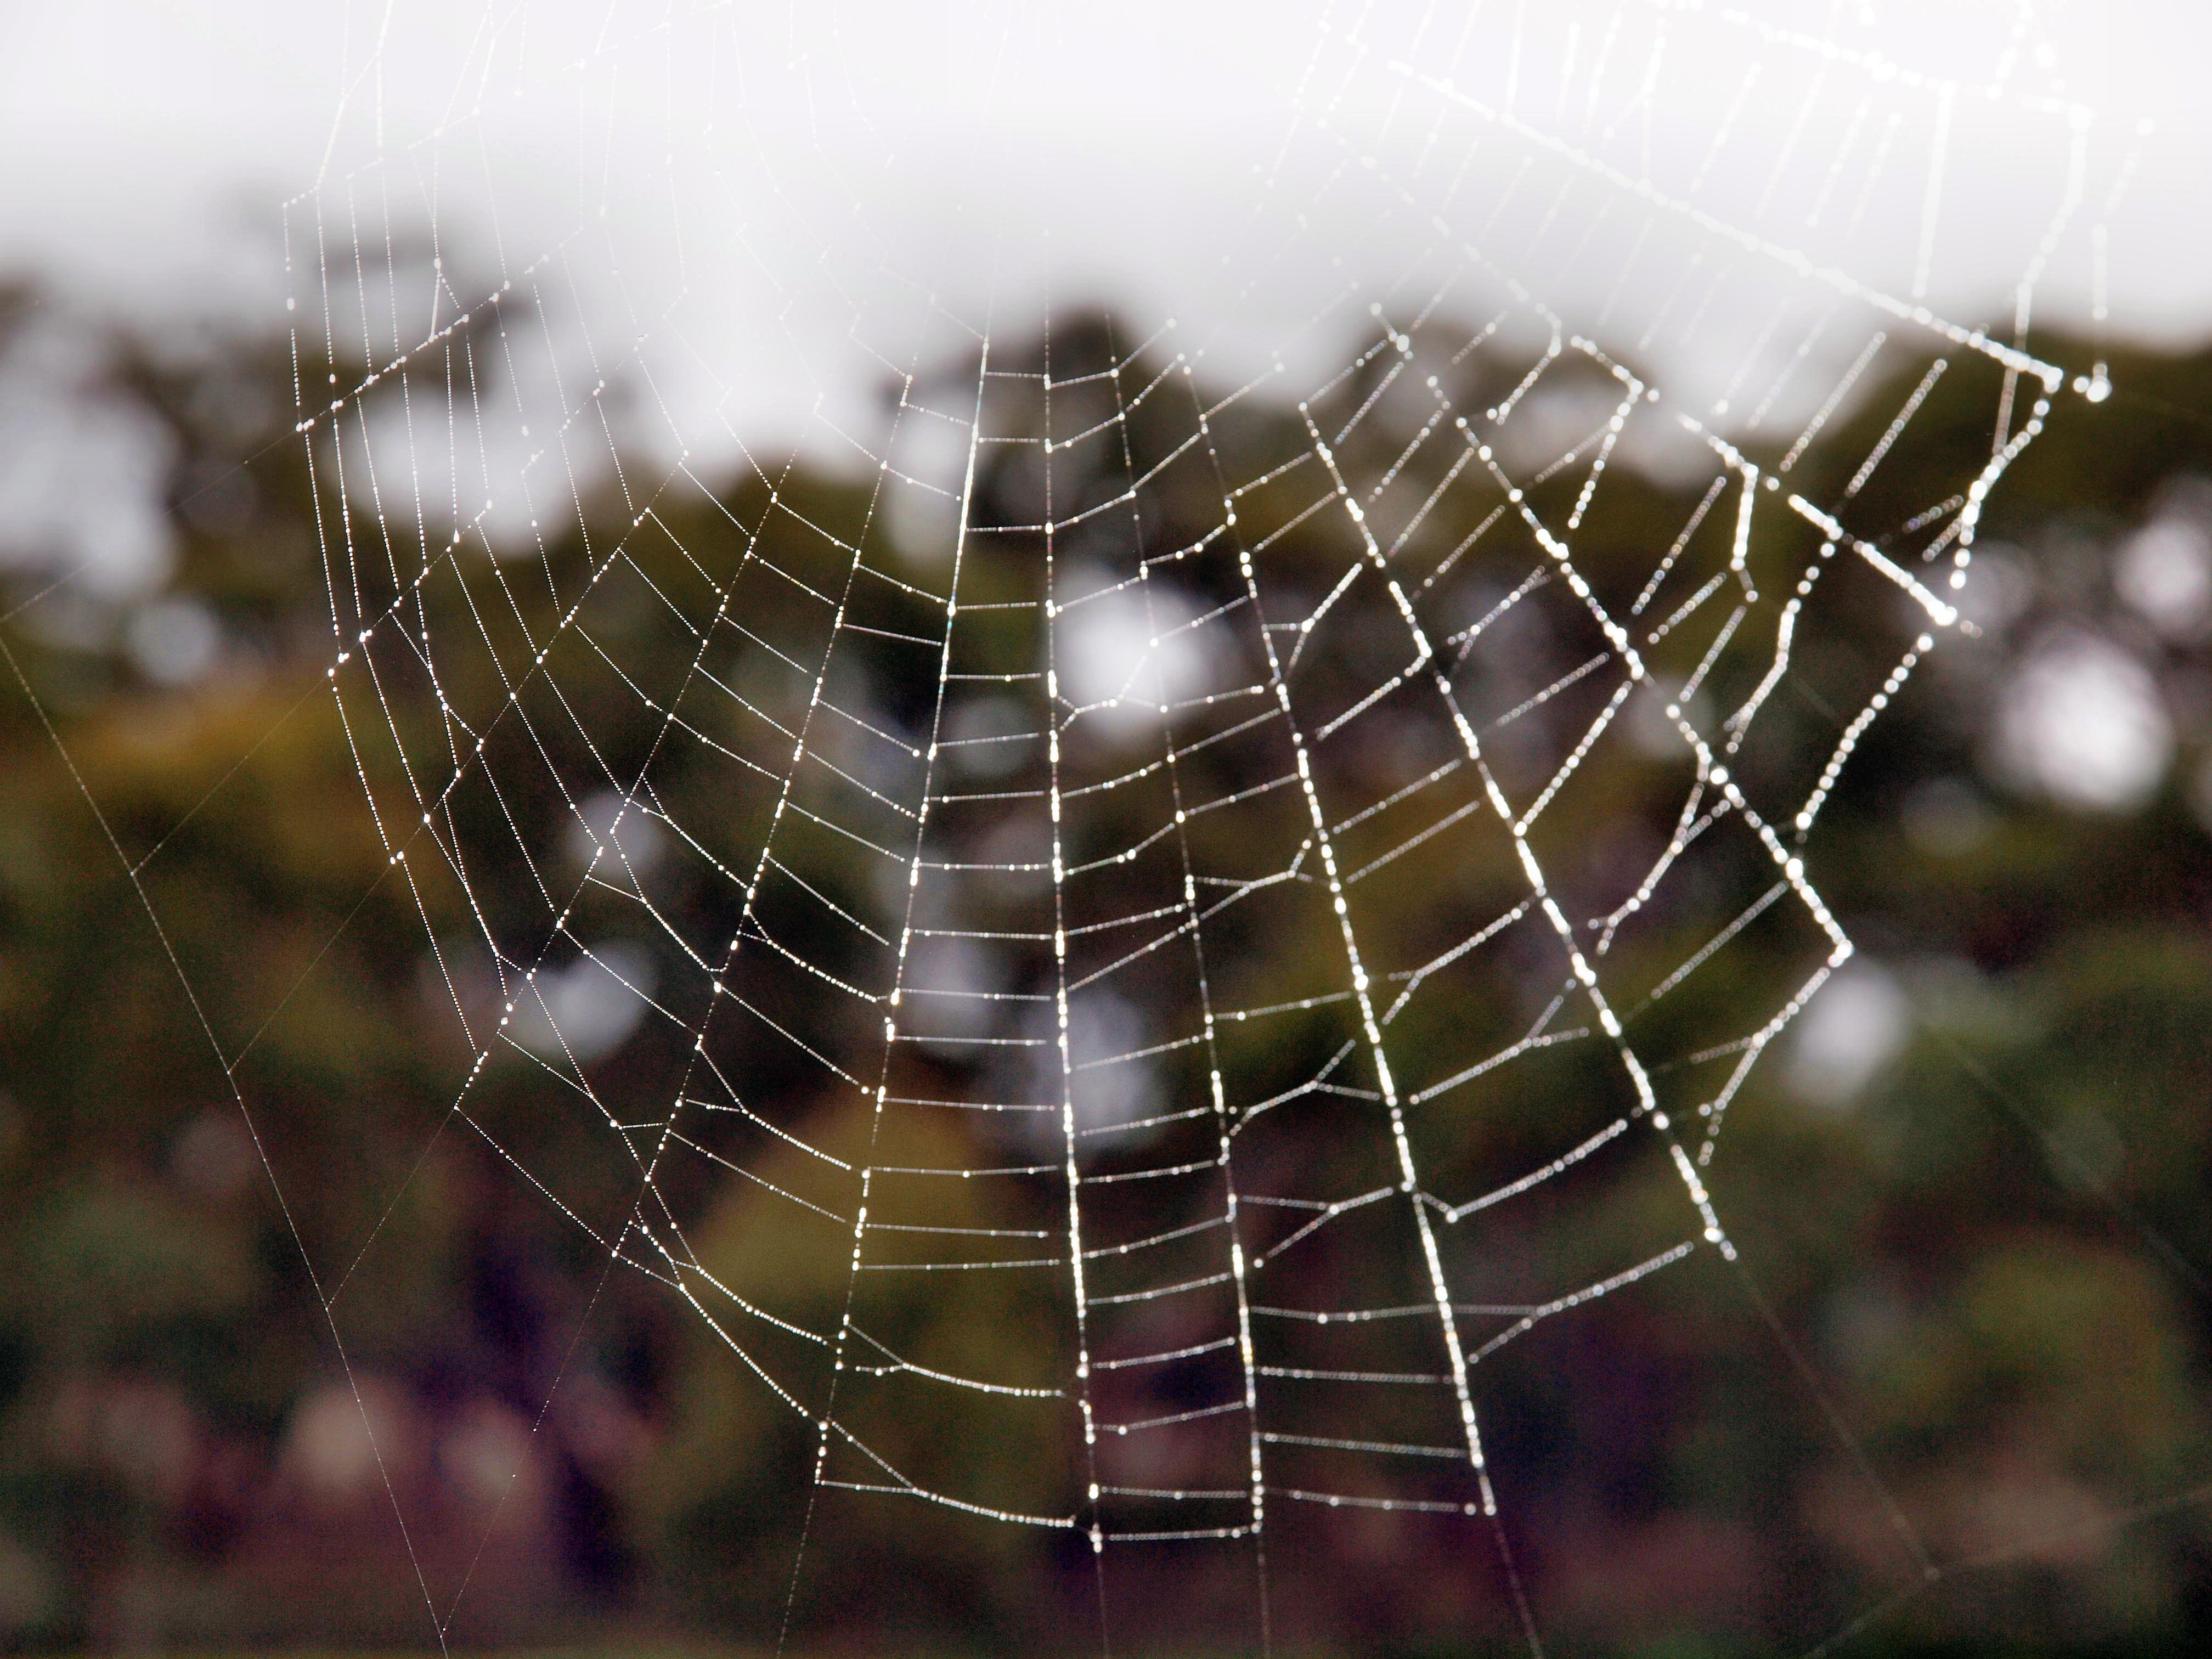 Spiders-web-3.jpeg